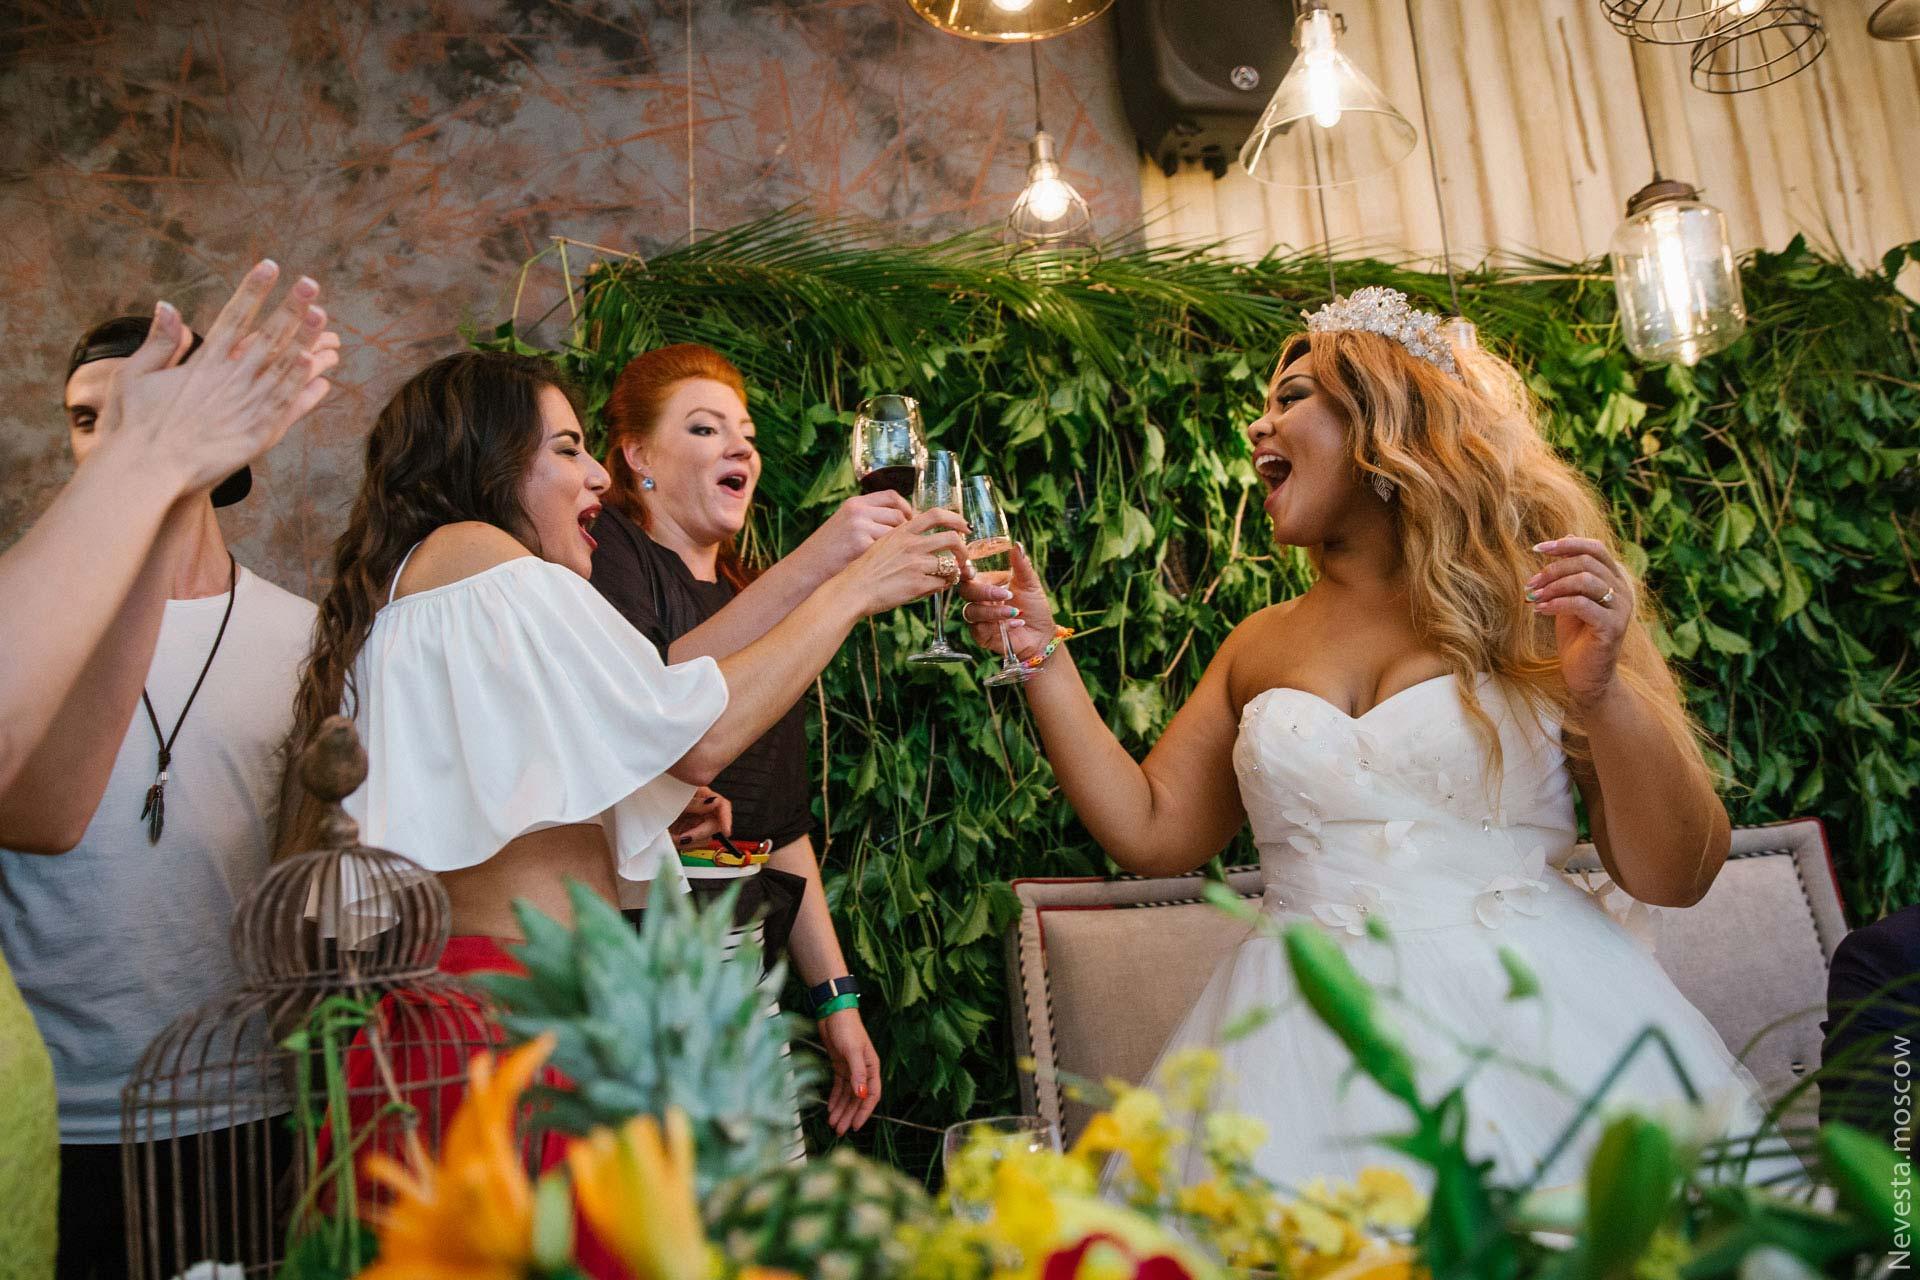 воскресенье корнелия манго фото свадьбы чеченские кампании изобилуют